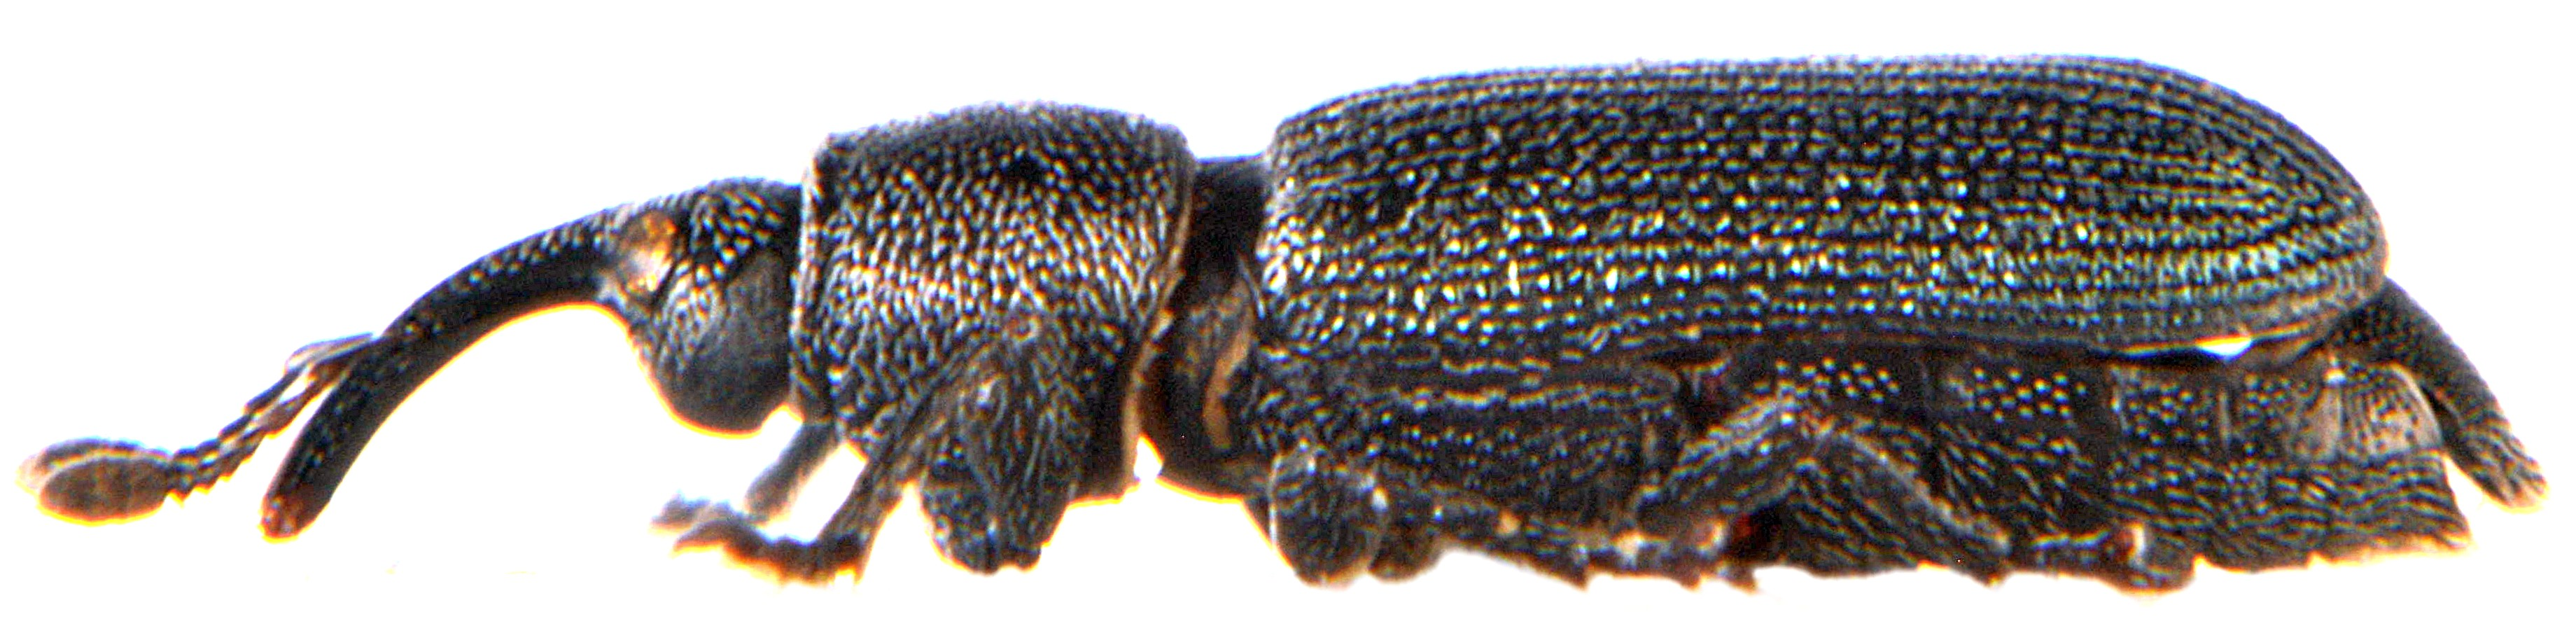 Mecinus janthinus 2